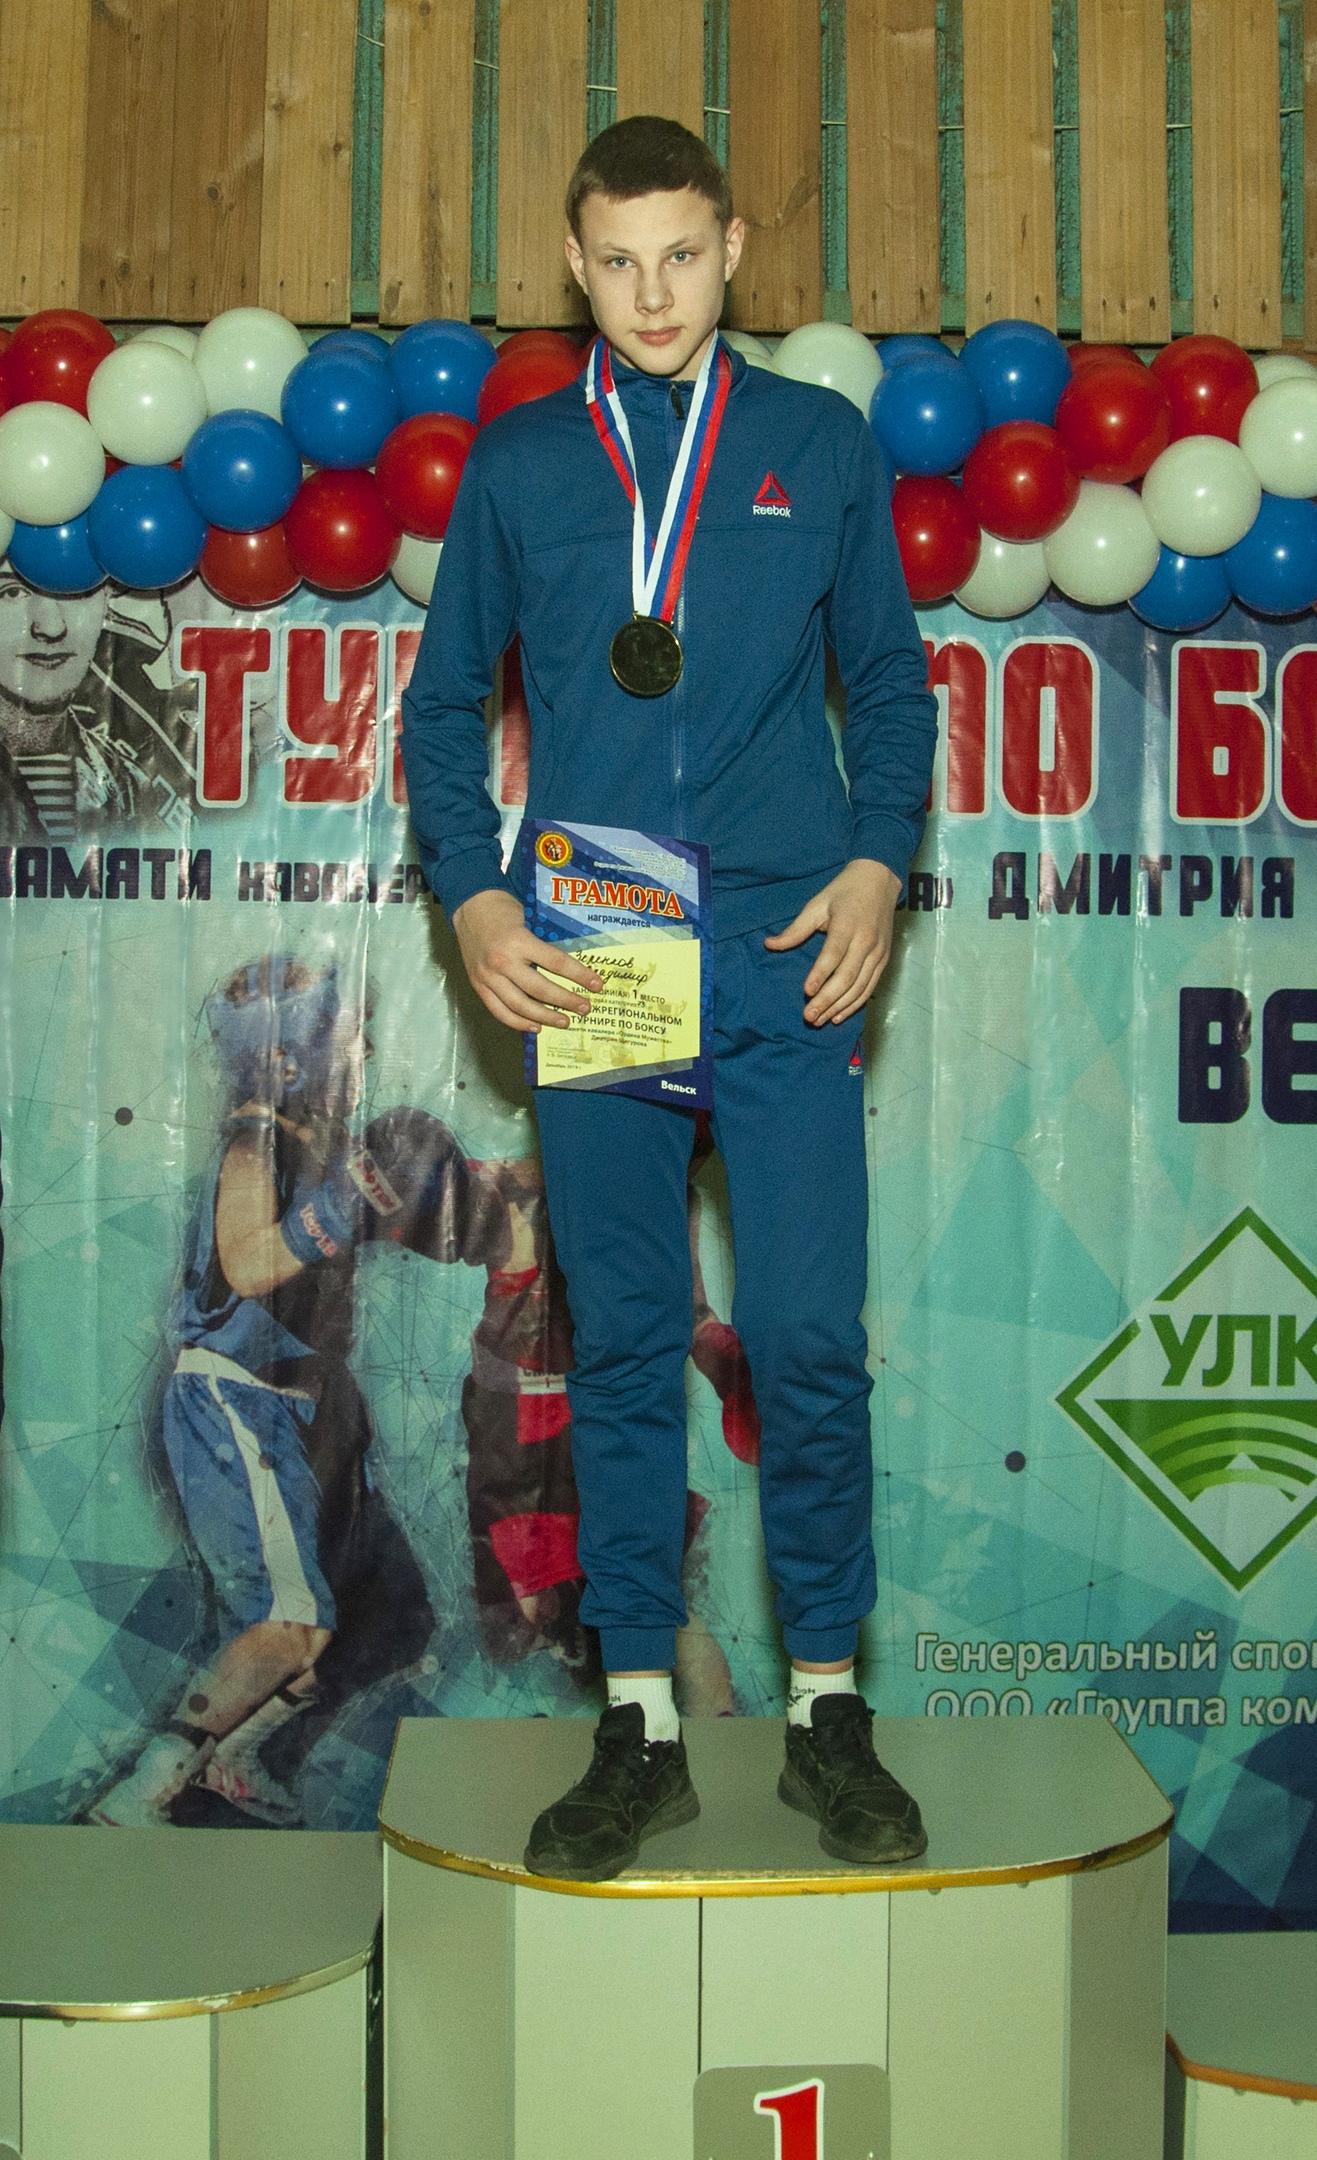 Щегурова 2019_2